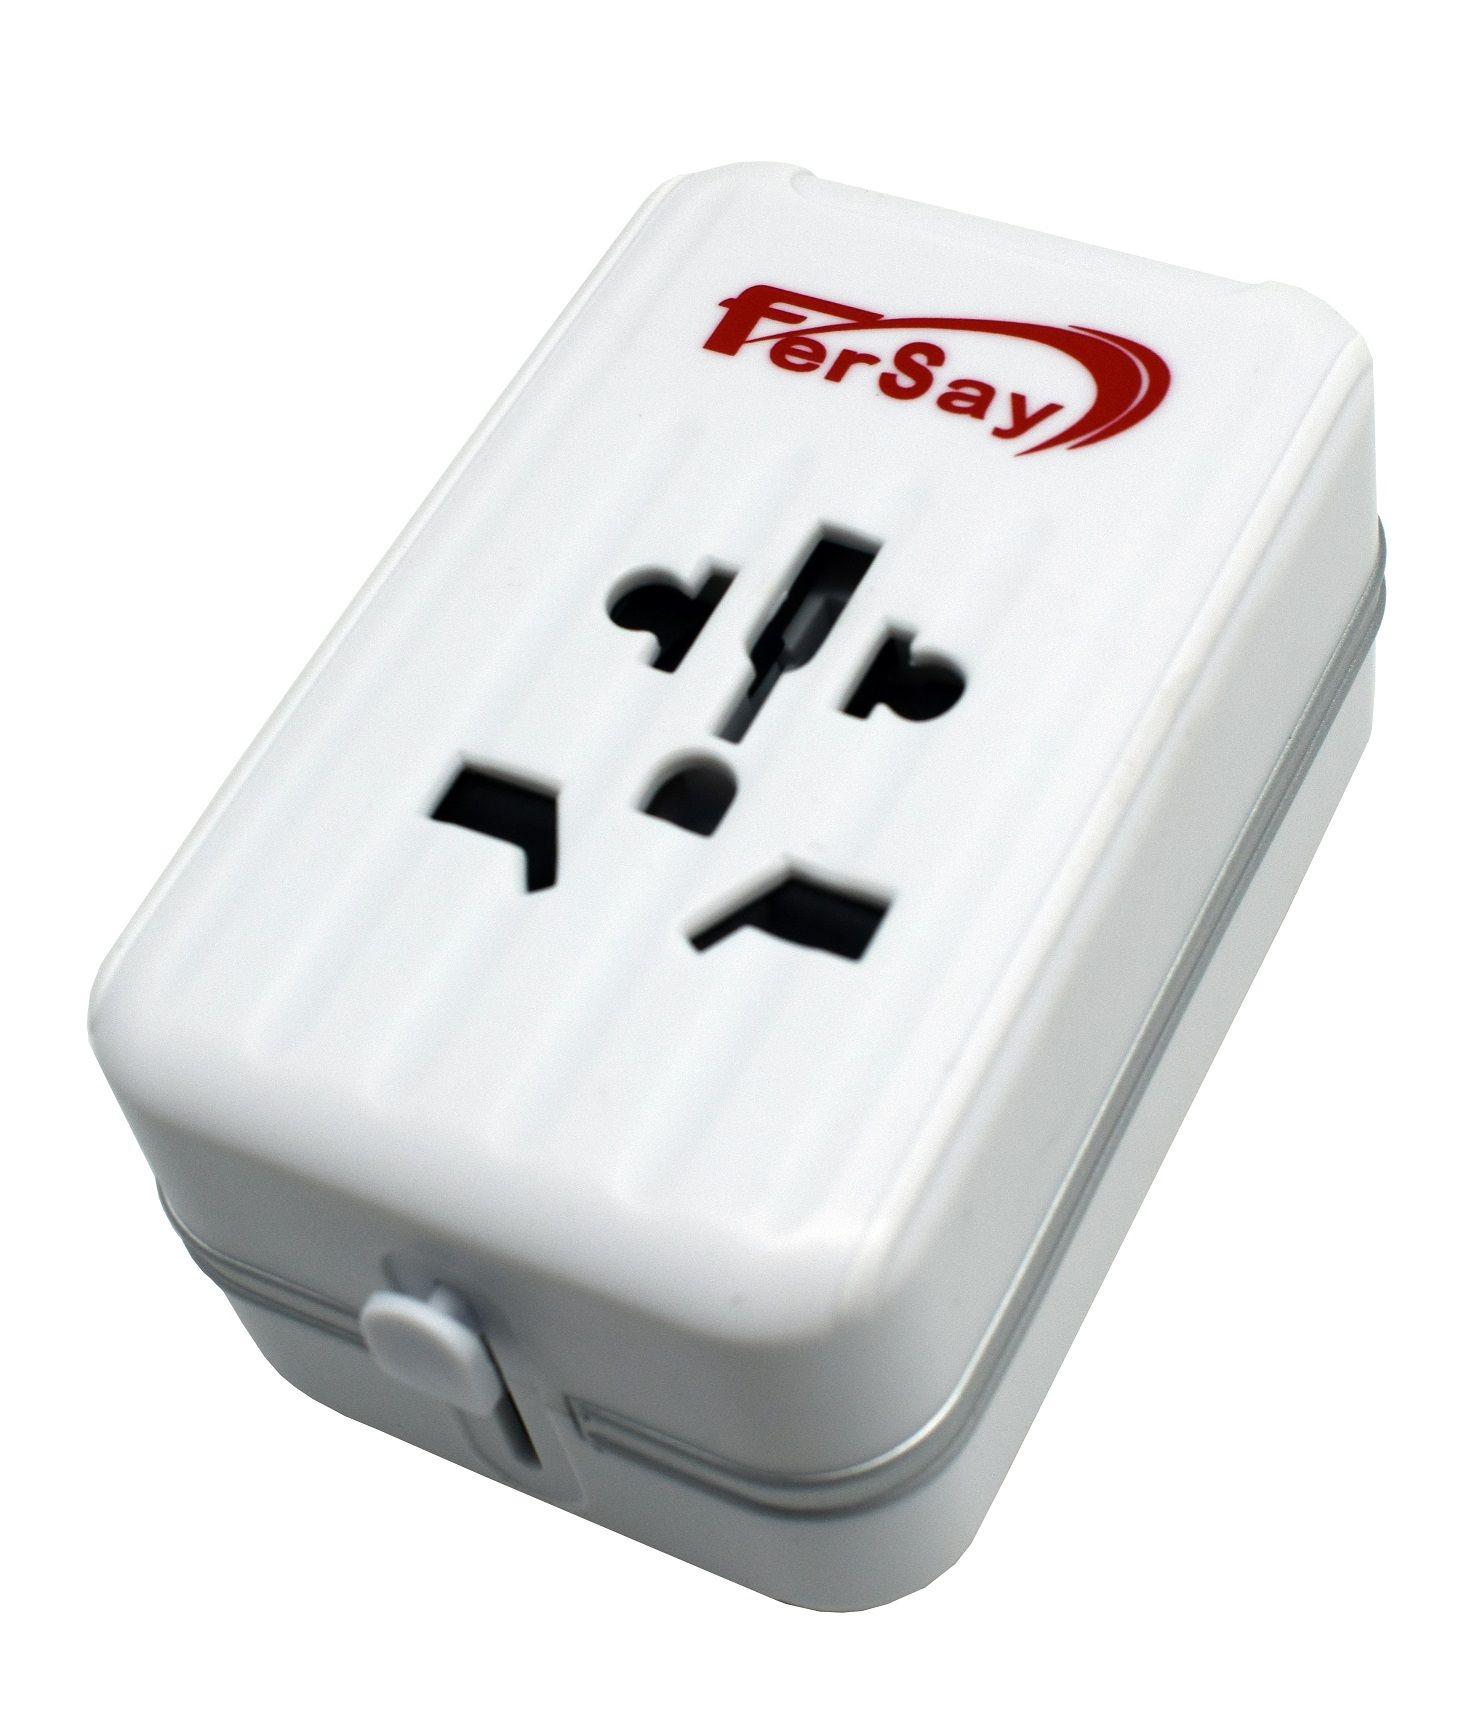 Fersay presenta su nuevo adaptador universal de viaje